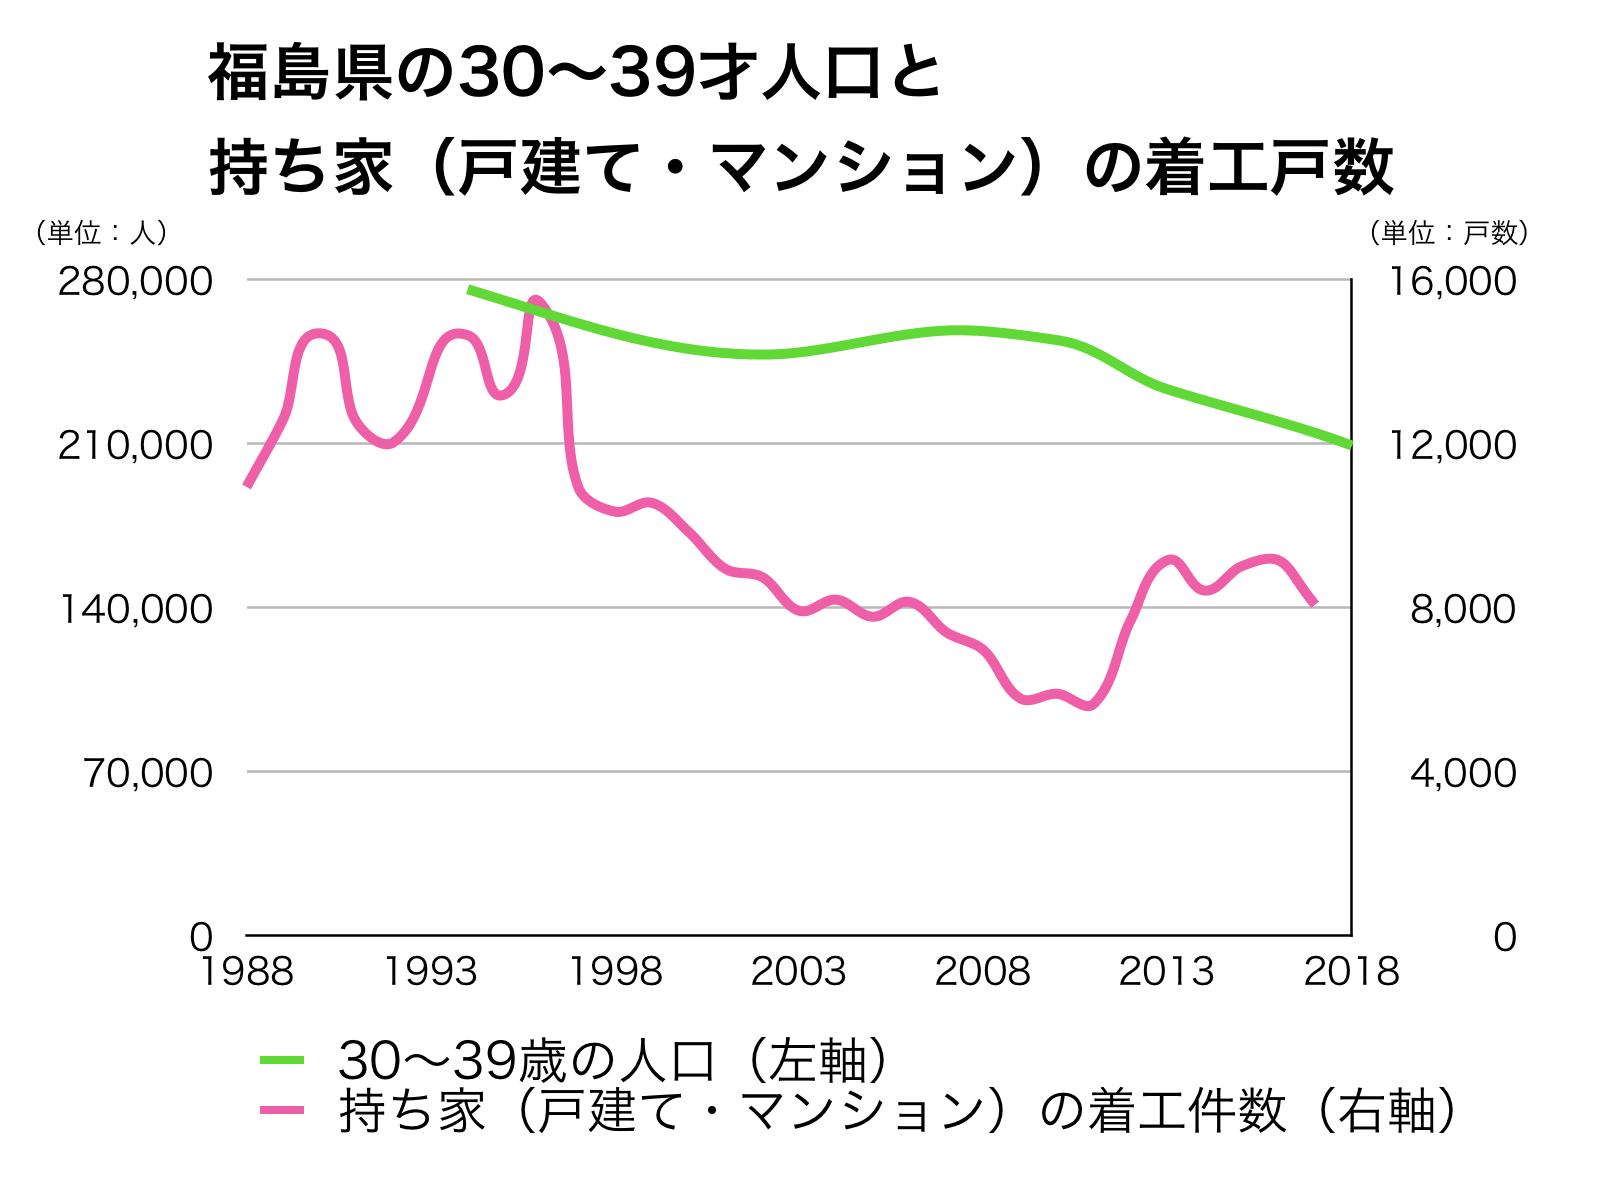 福島県の30代人口と新設戸数